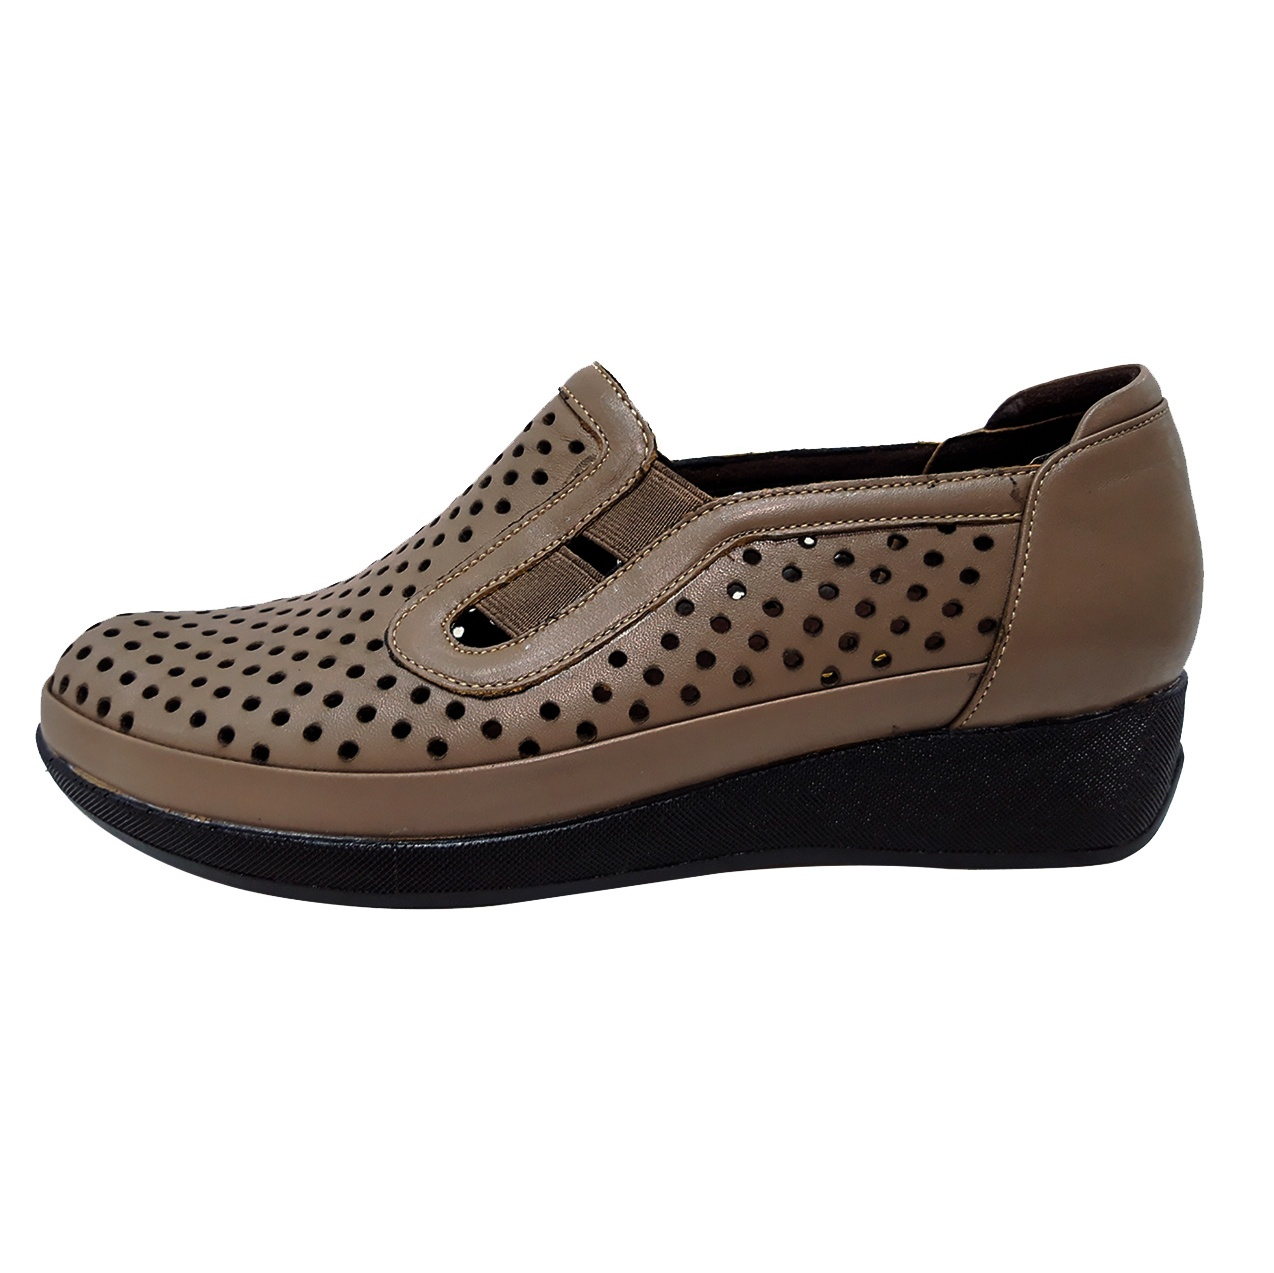 کفش زنانه روشن مدل 2022 کد 04              (قیمت و عکس)